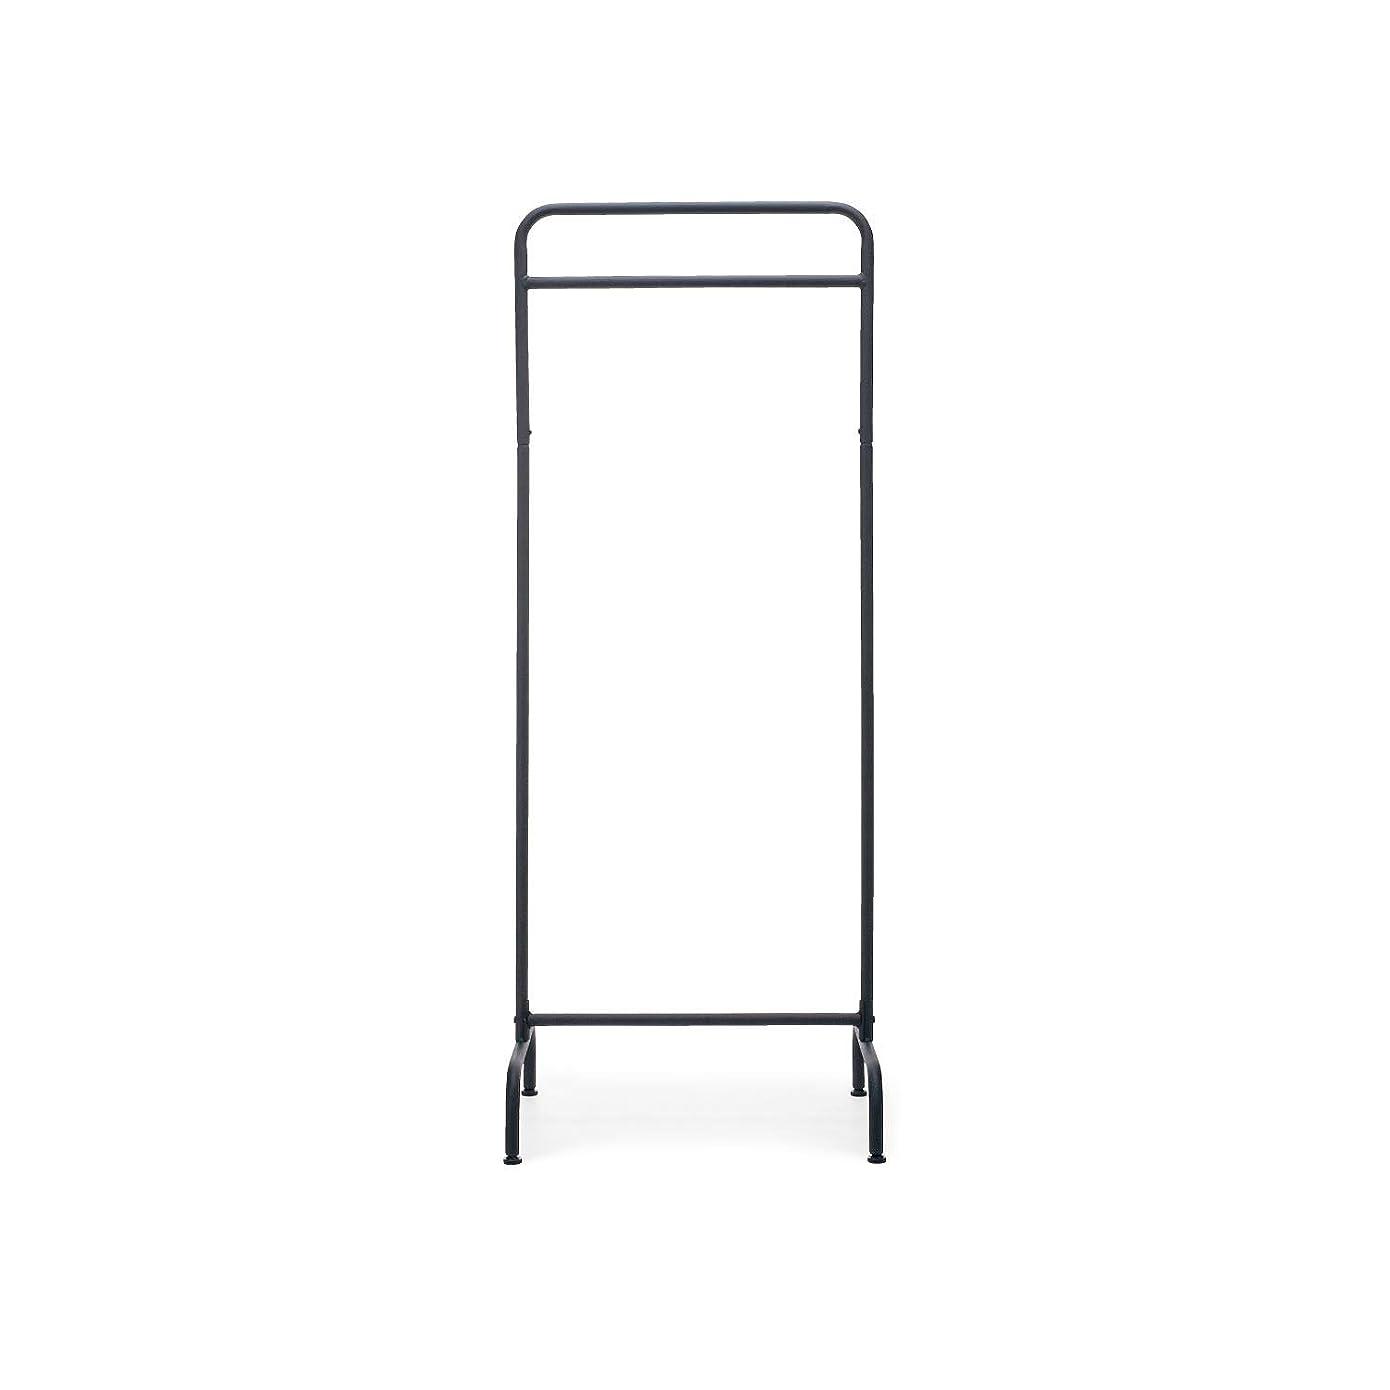 アセンブリパン不愉快に[ベルメゾン] アイアンハンガーラック タイプ/幅(cm):A/60